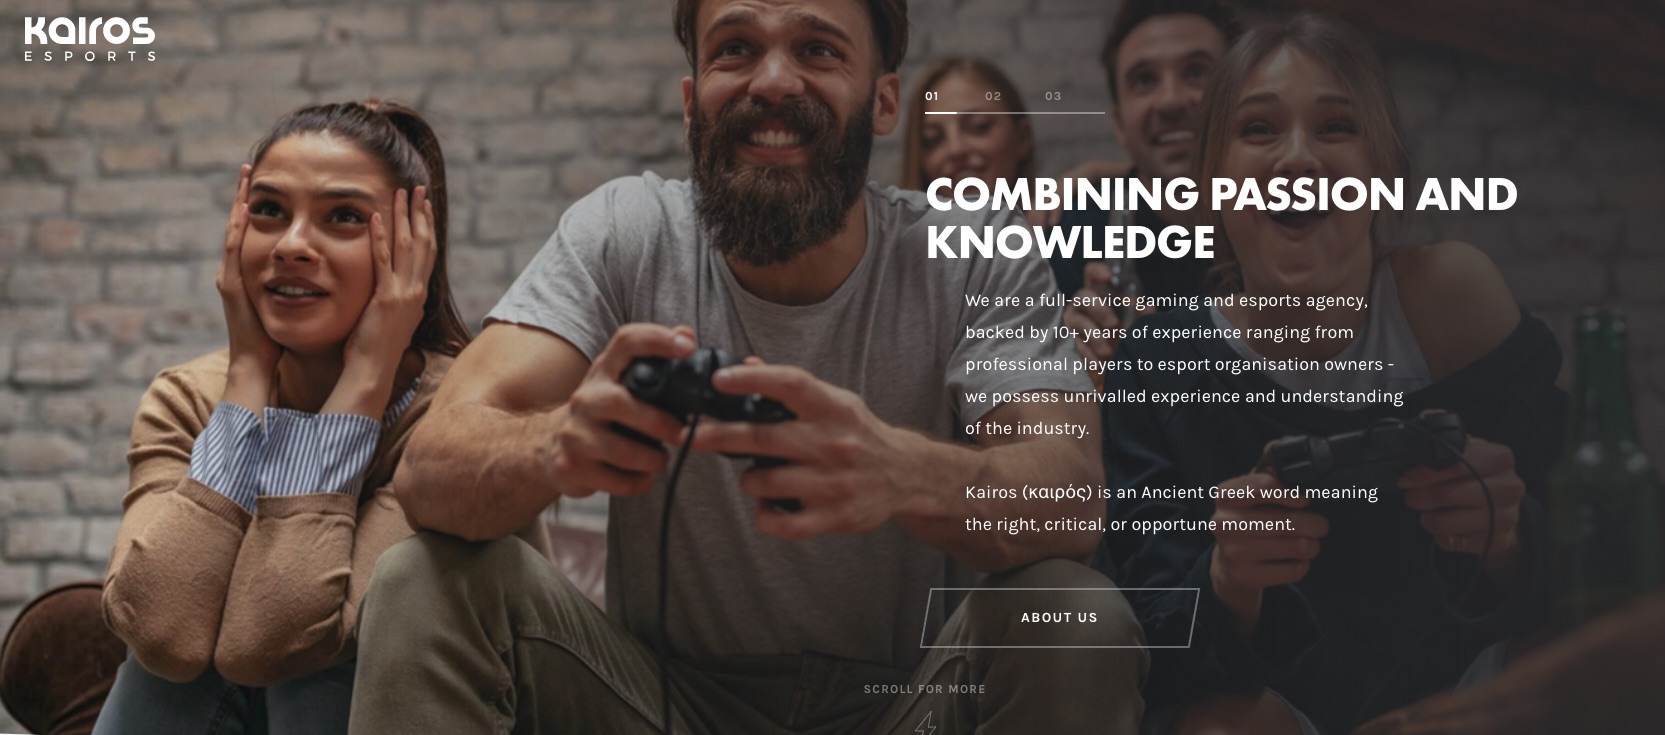 kairos gaming agency uk